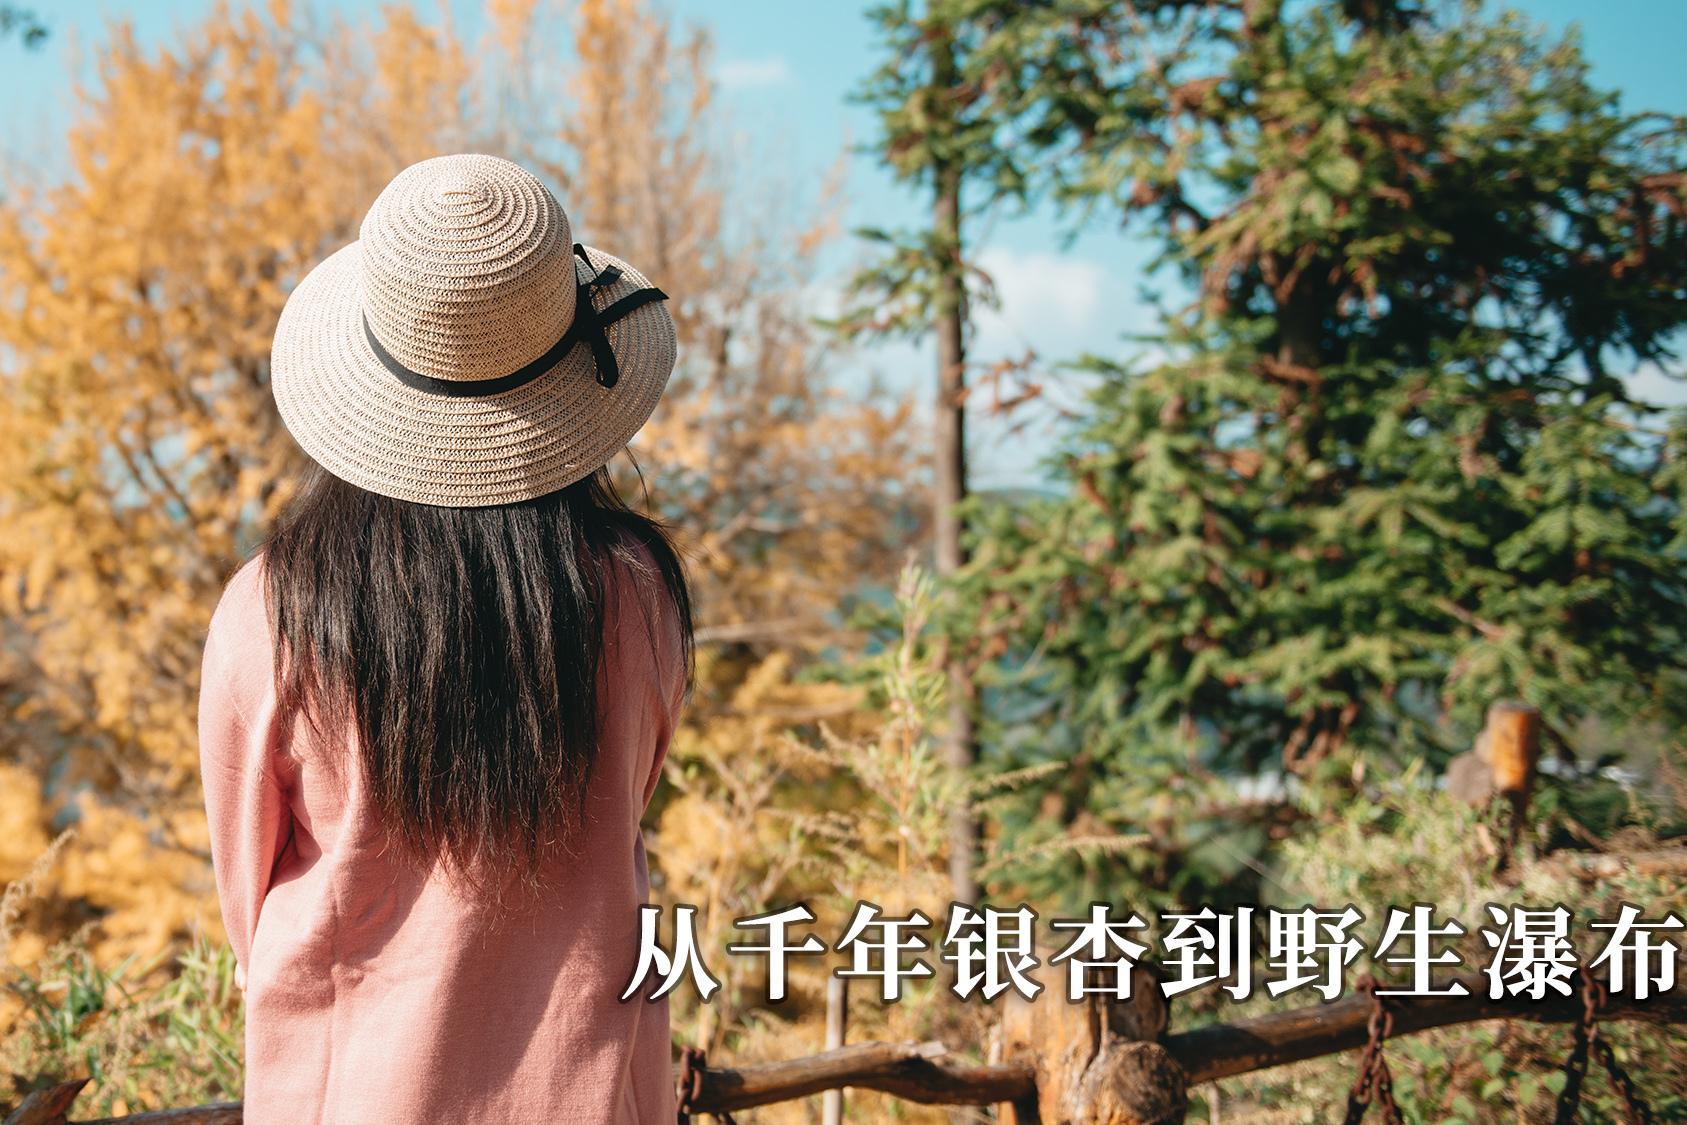 vlog| 贵州的银杏和瀑布就是这么美!